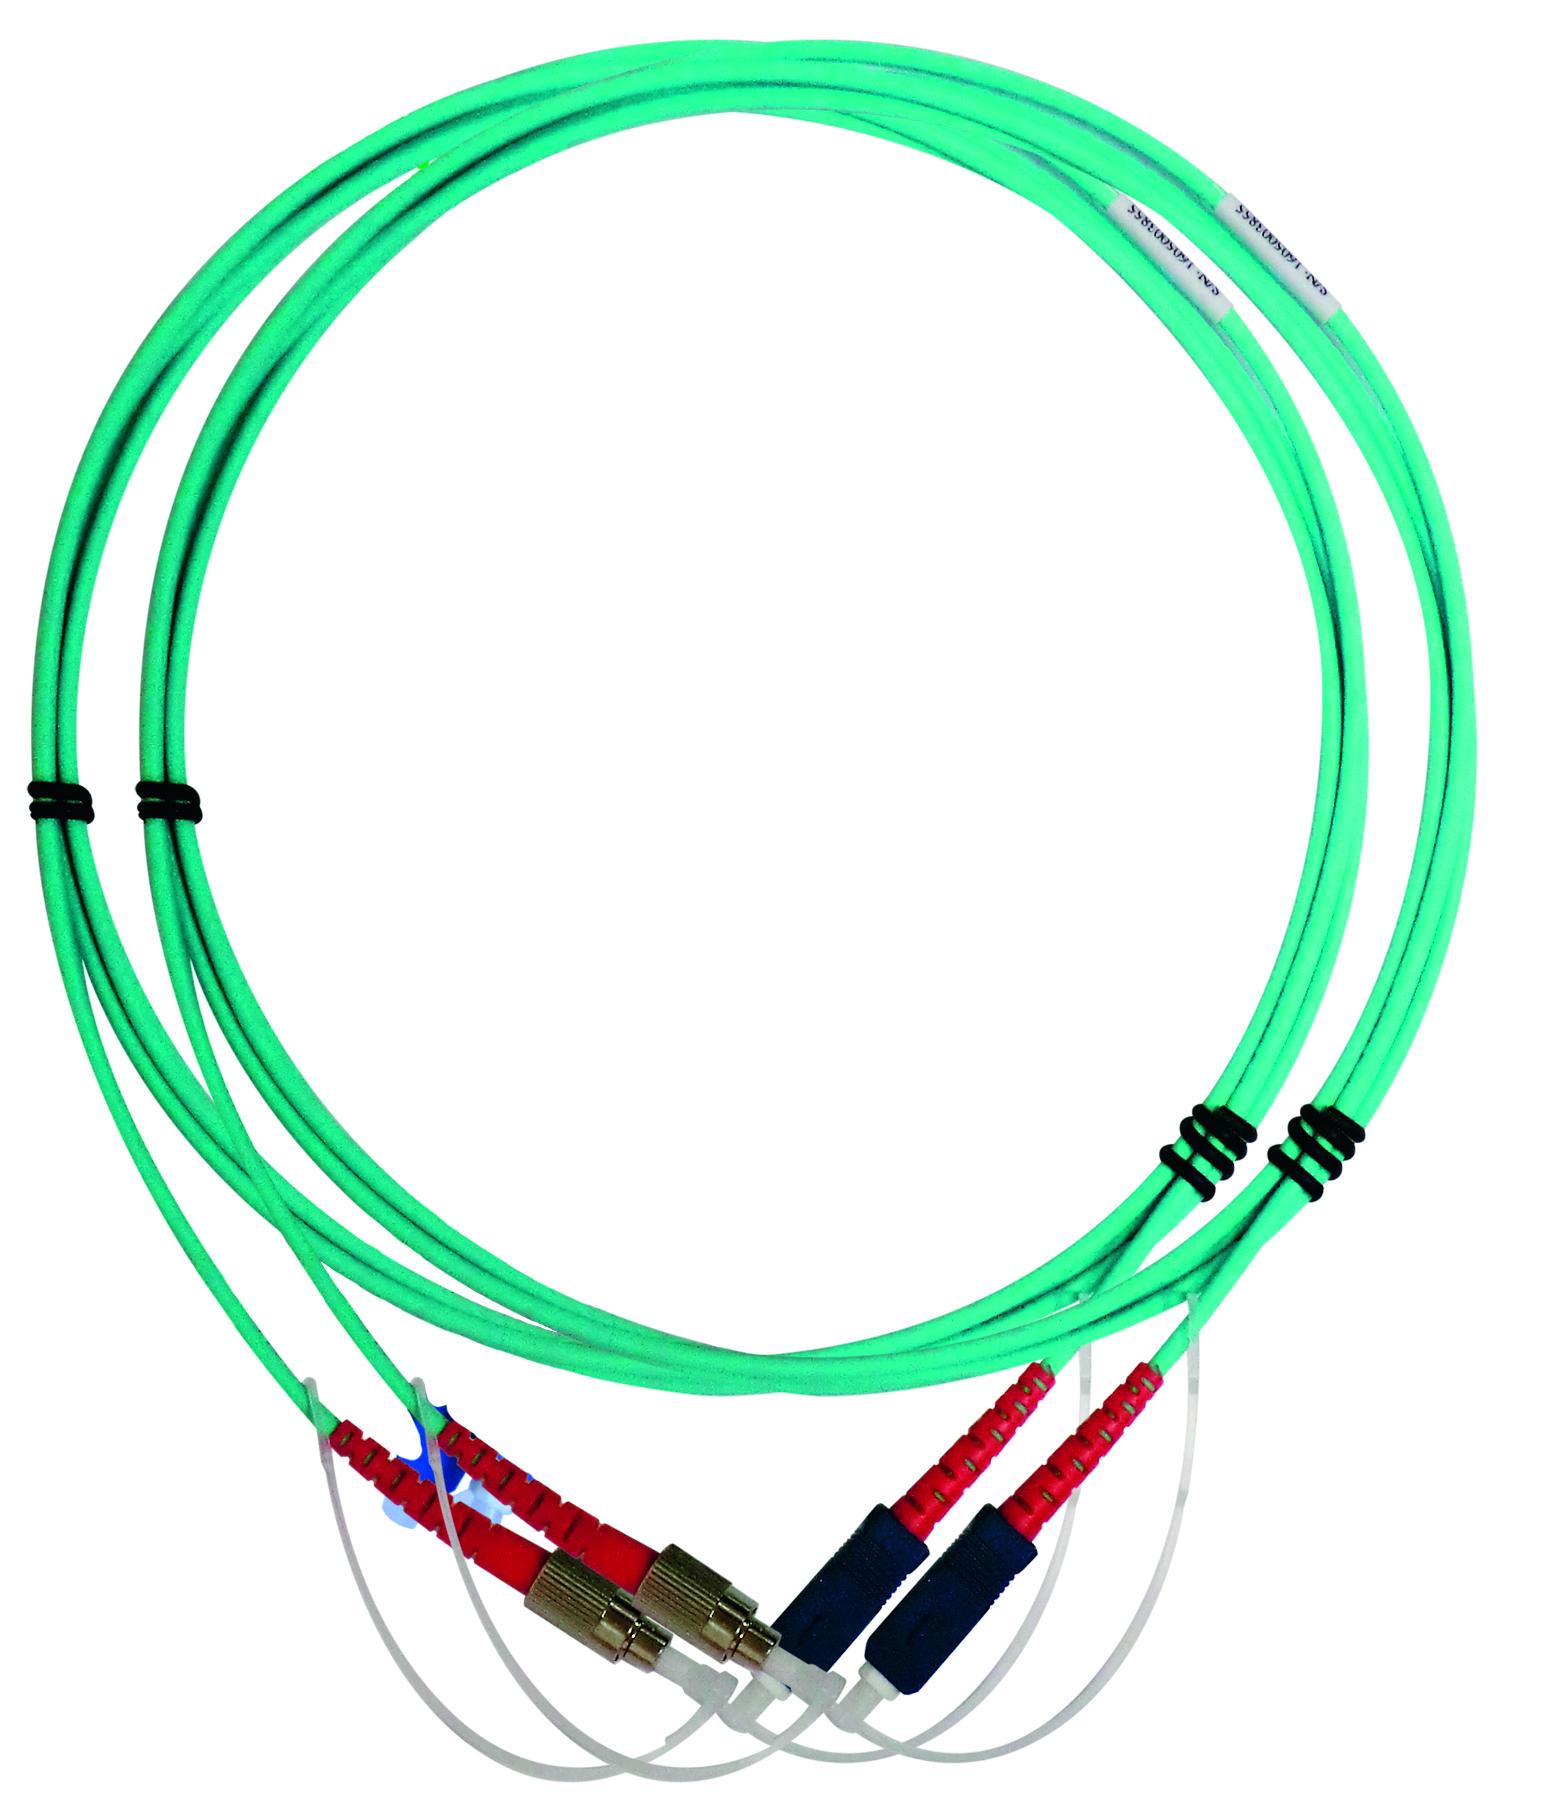 1 Stk WireXpert - Multimode Referenztestkabel 2xFC-SC und 2xSC-SC HMSWXZFMRC